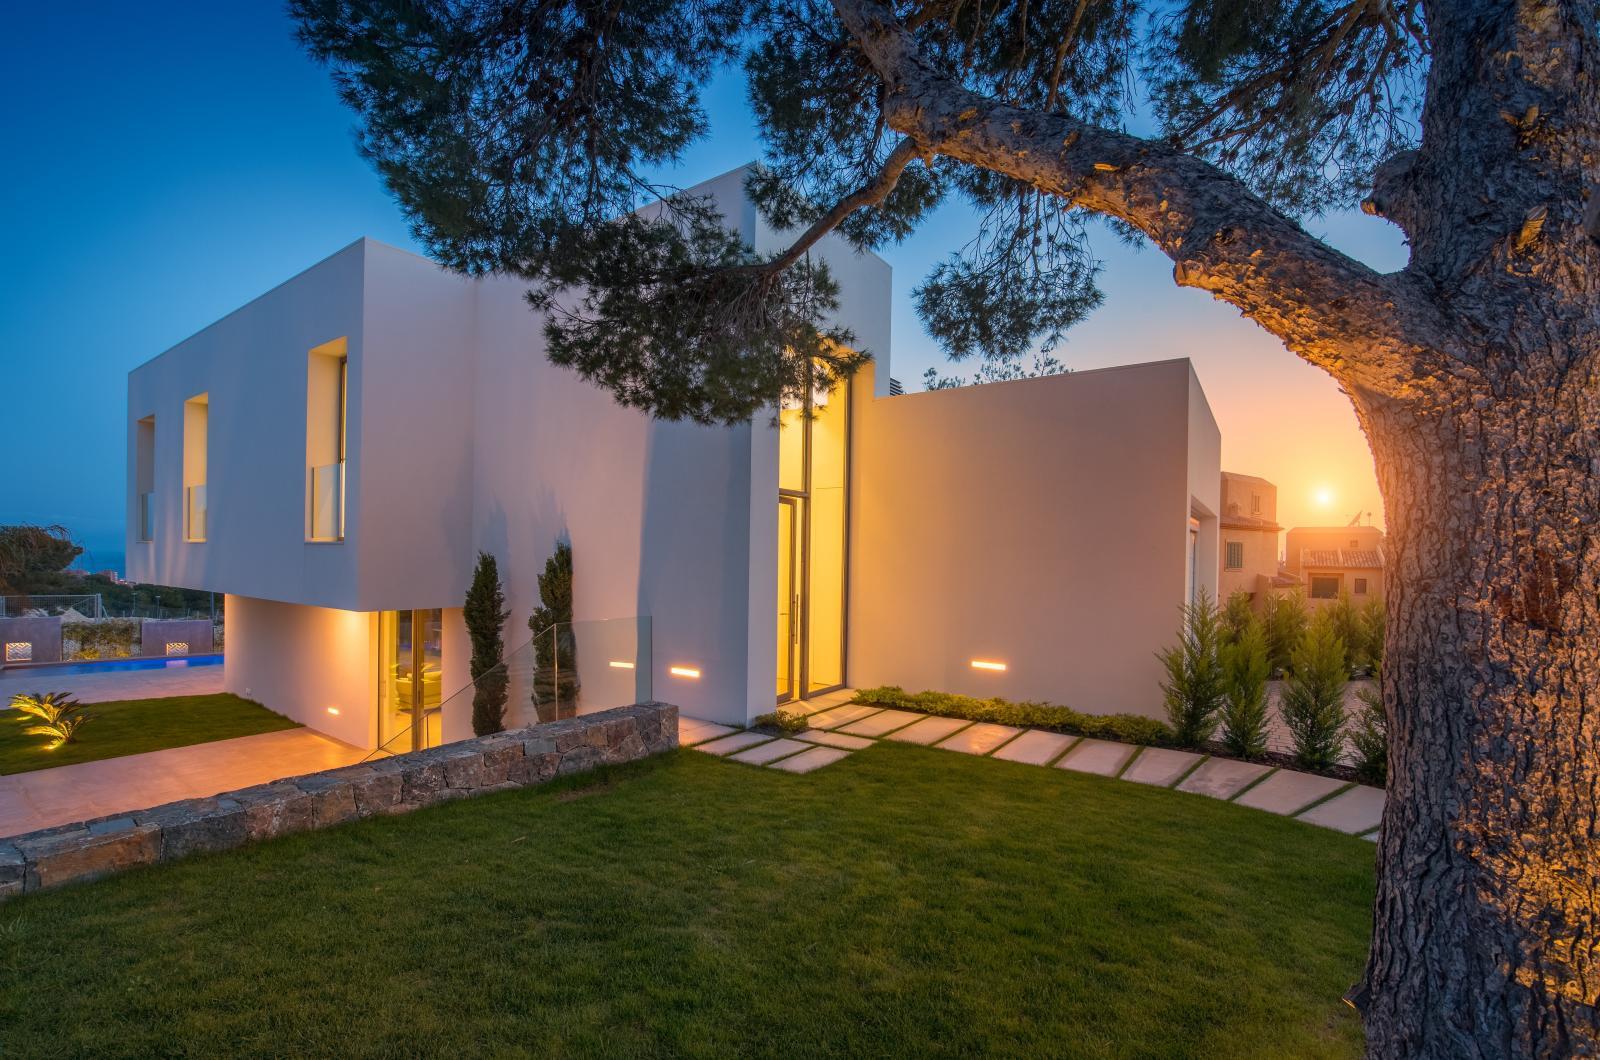 11. Brand new villa in Finestrat Alicante - Fantastic Brand New Villa in Finestrat, Alicante